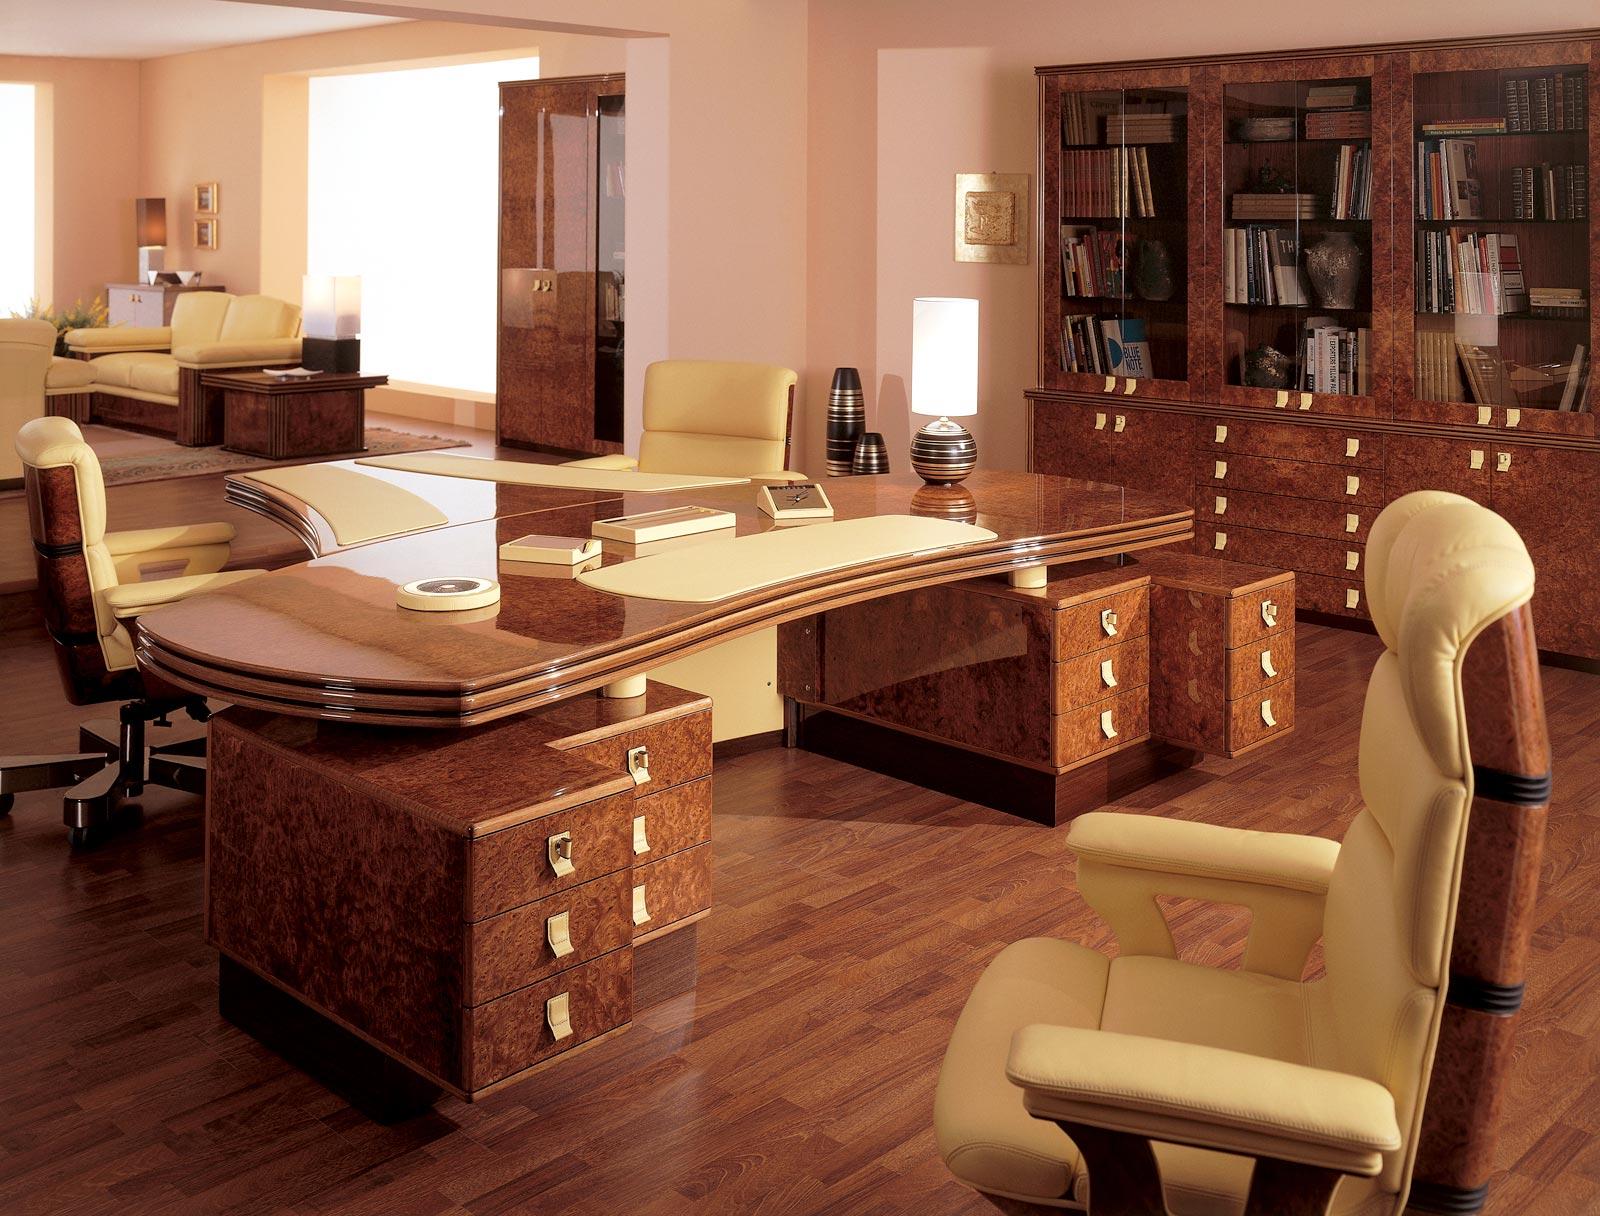 Scrivanie in legno o in vetro, boiserie, cassettiere e armadi librerie. Uffici Dirigenziali E Presidenziali Di Lusso R A Mobili